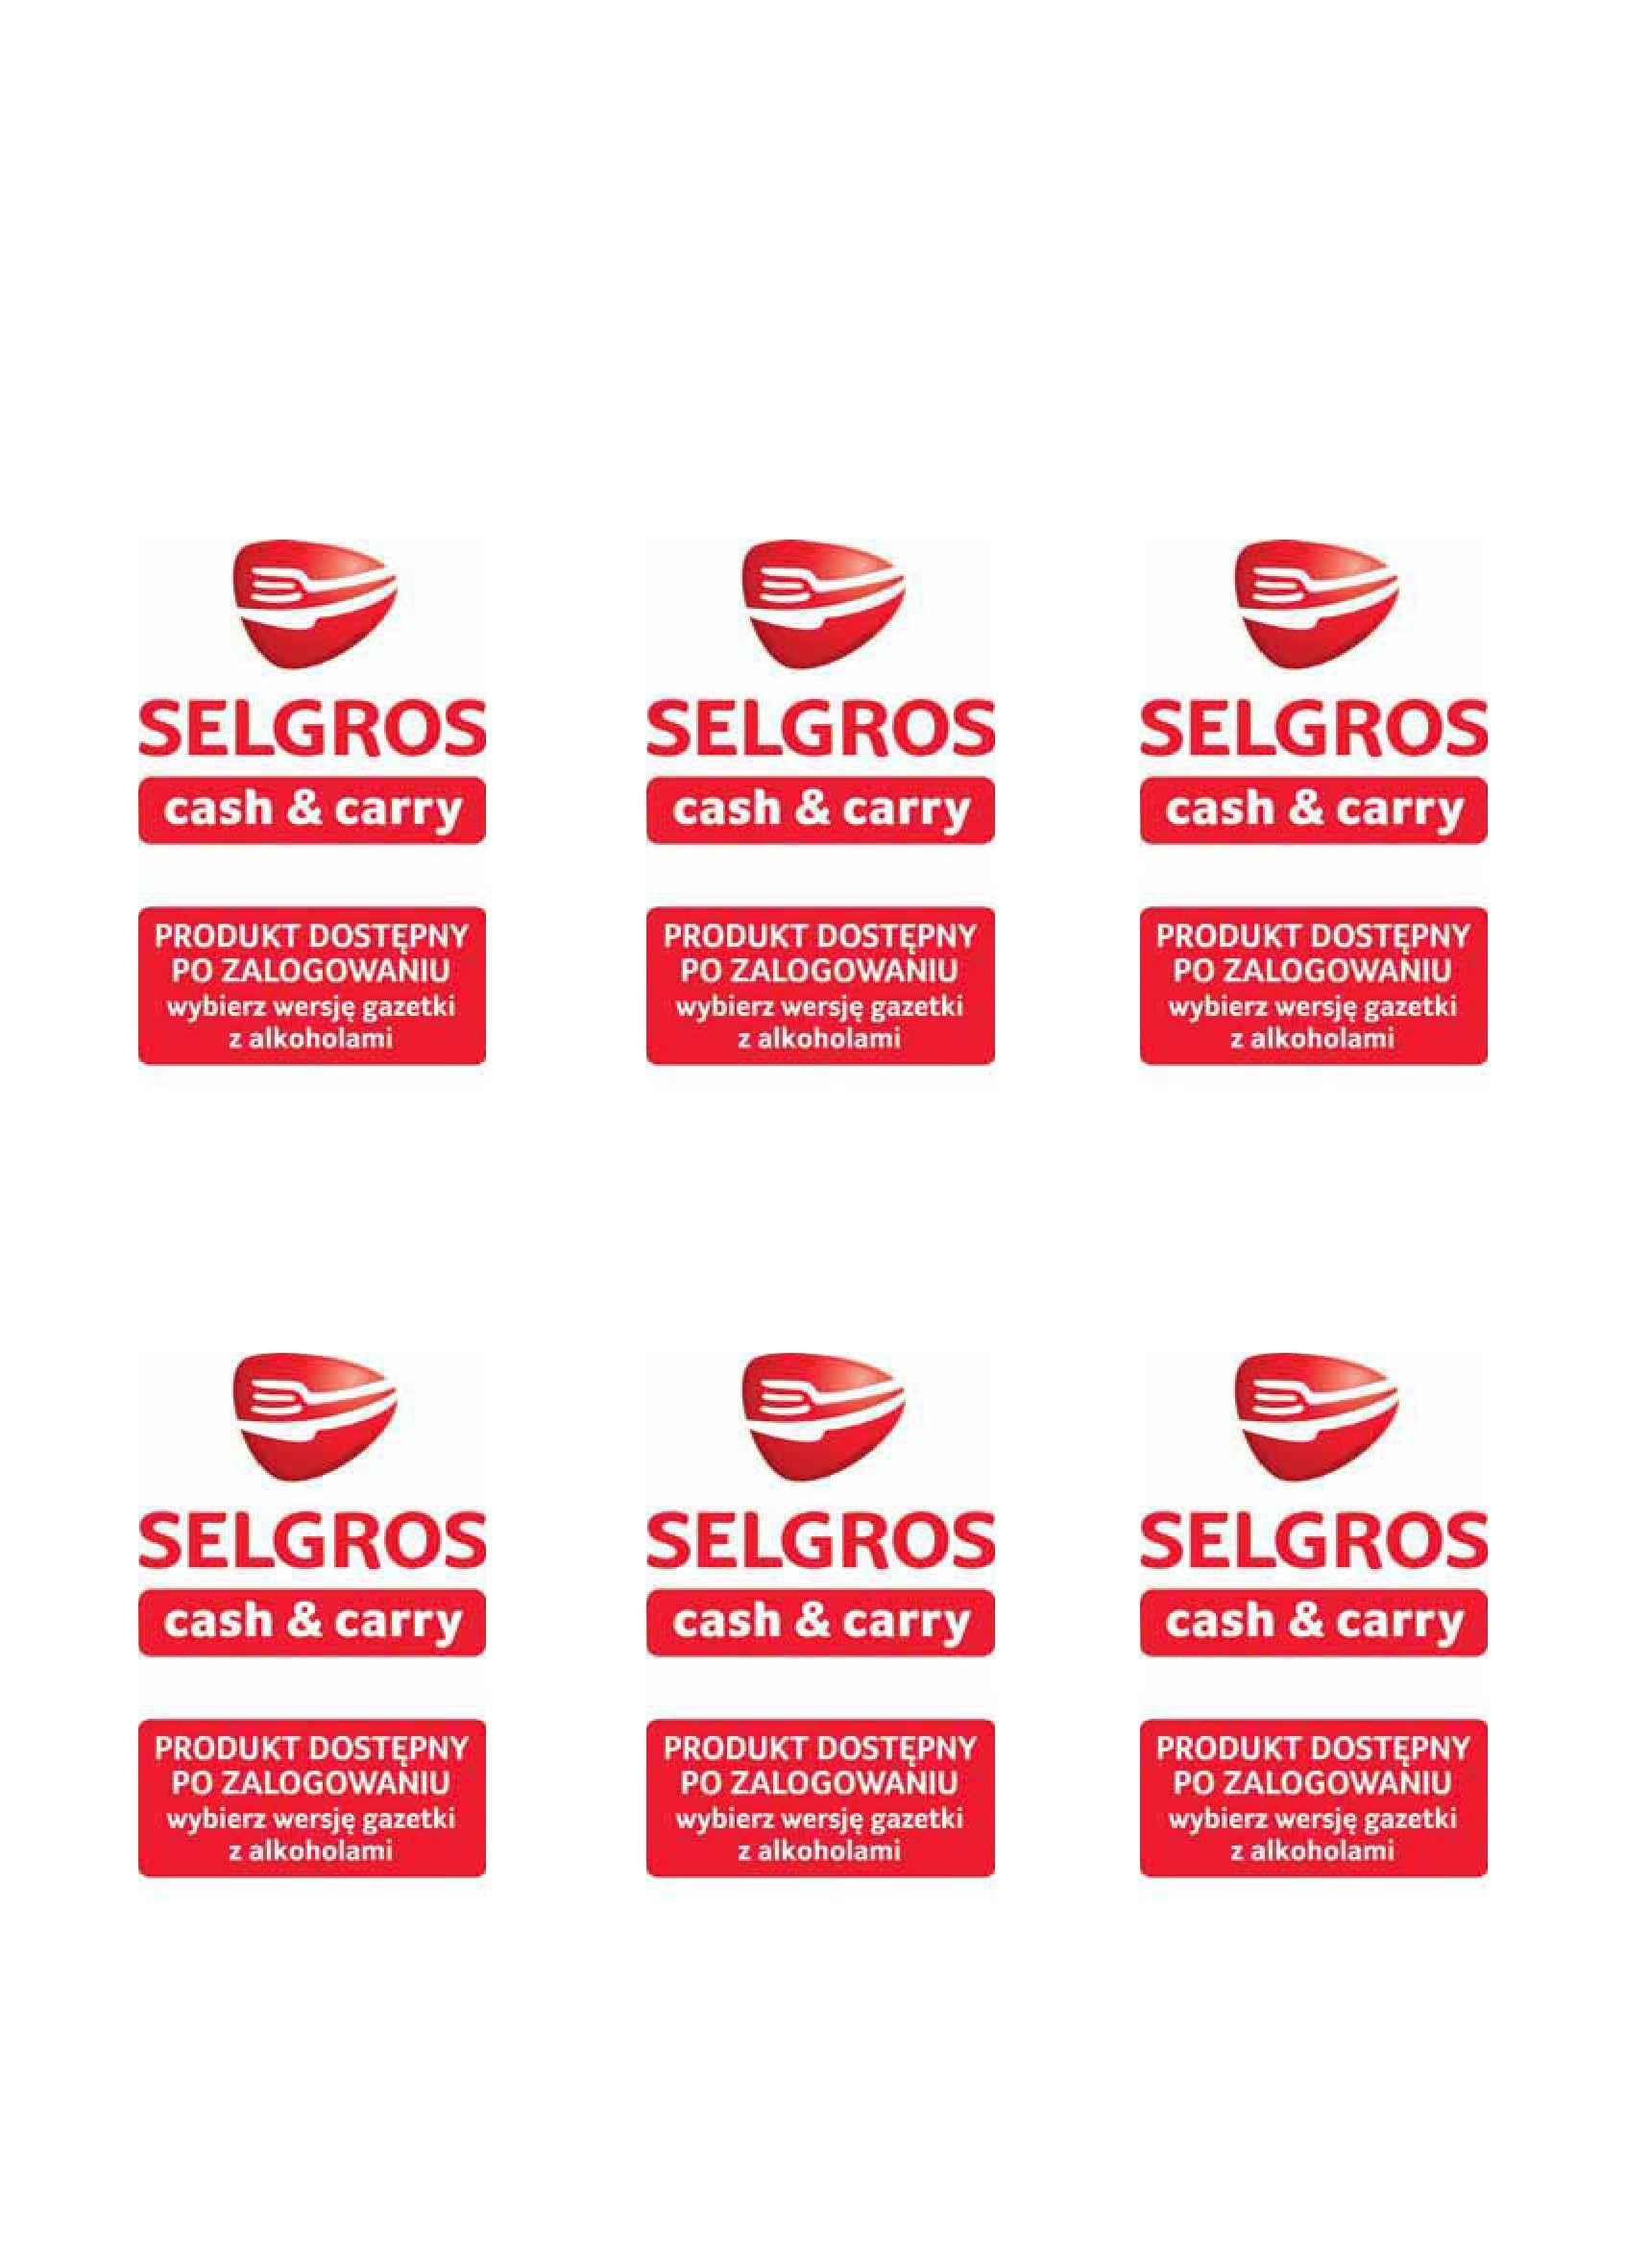 Gazetka Selgros - Oferta spożywcza-05.02.2020-19.02.2020-page-22